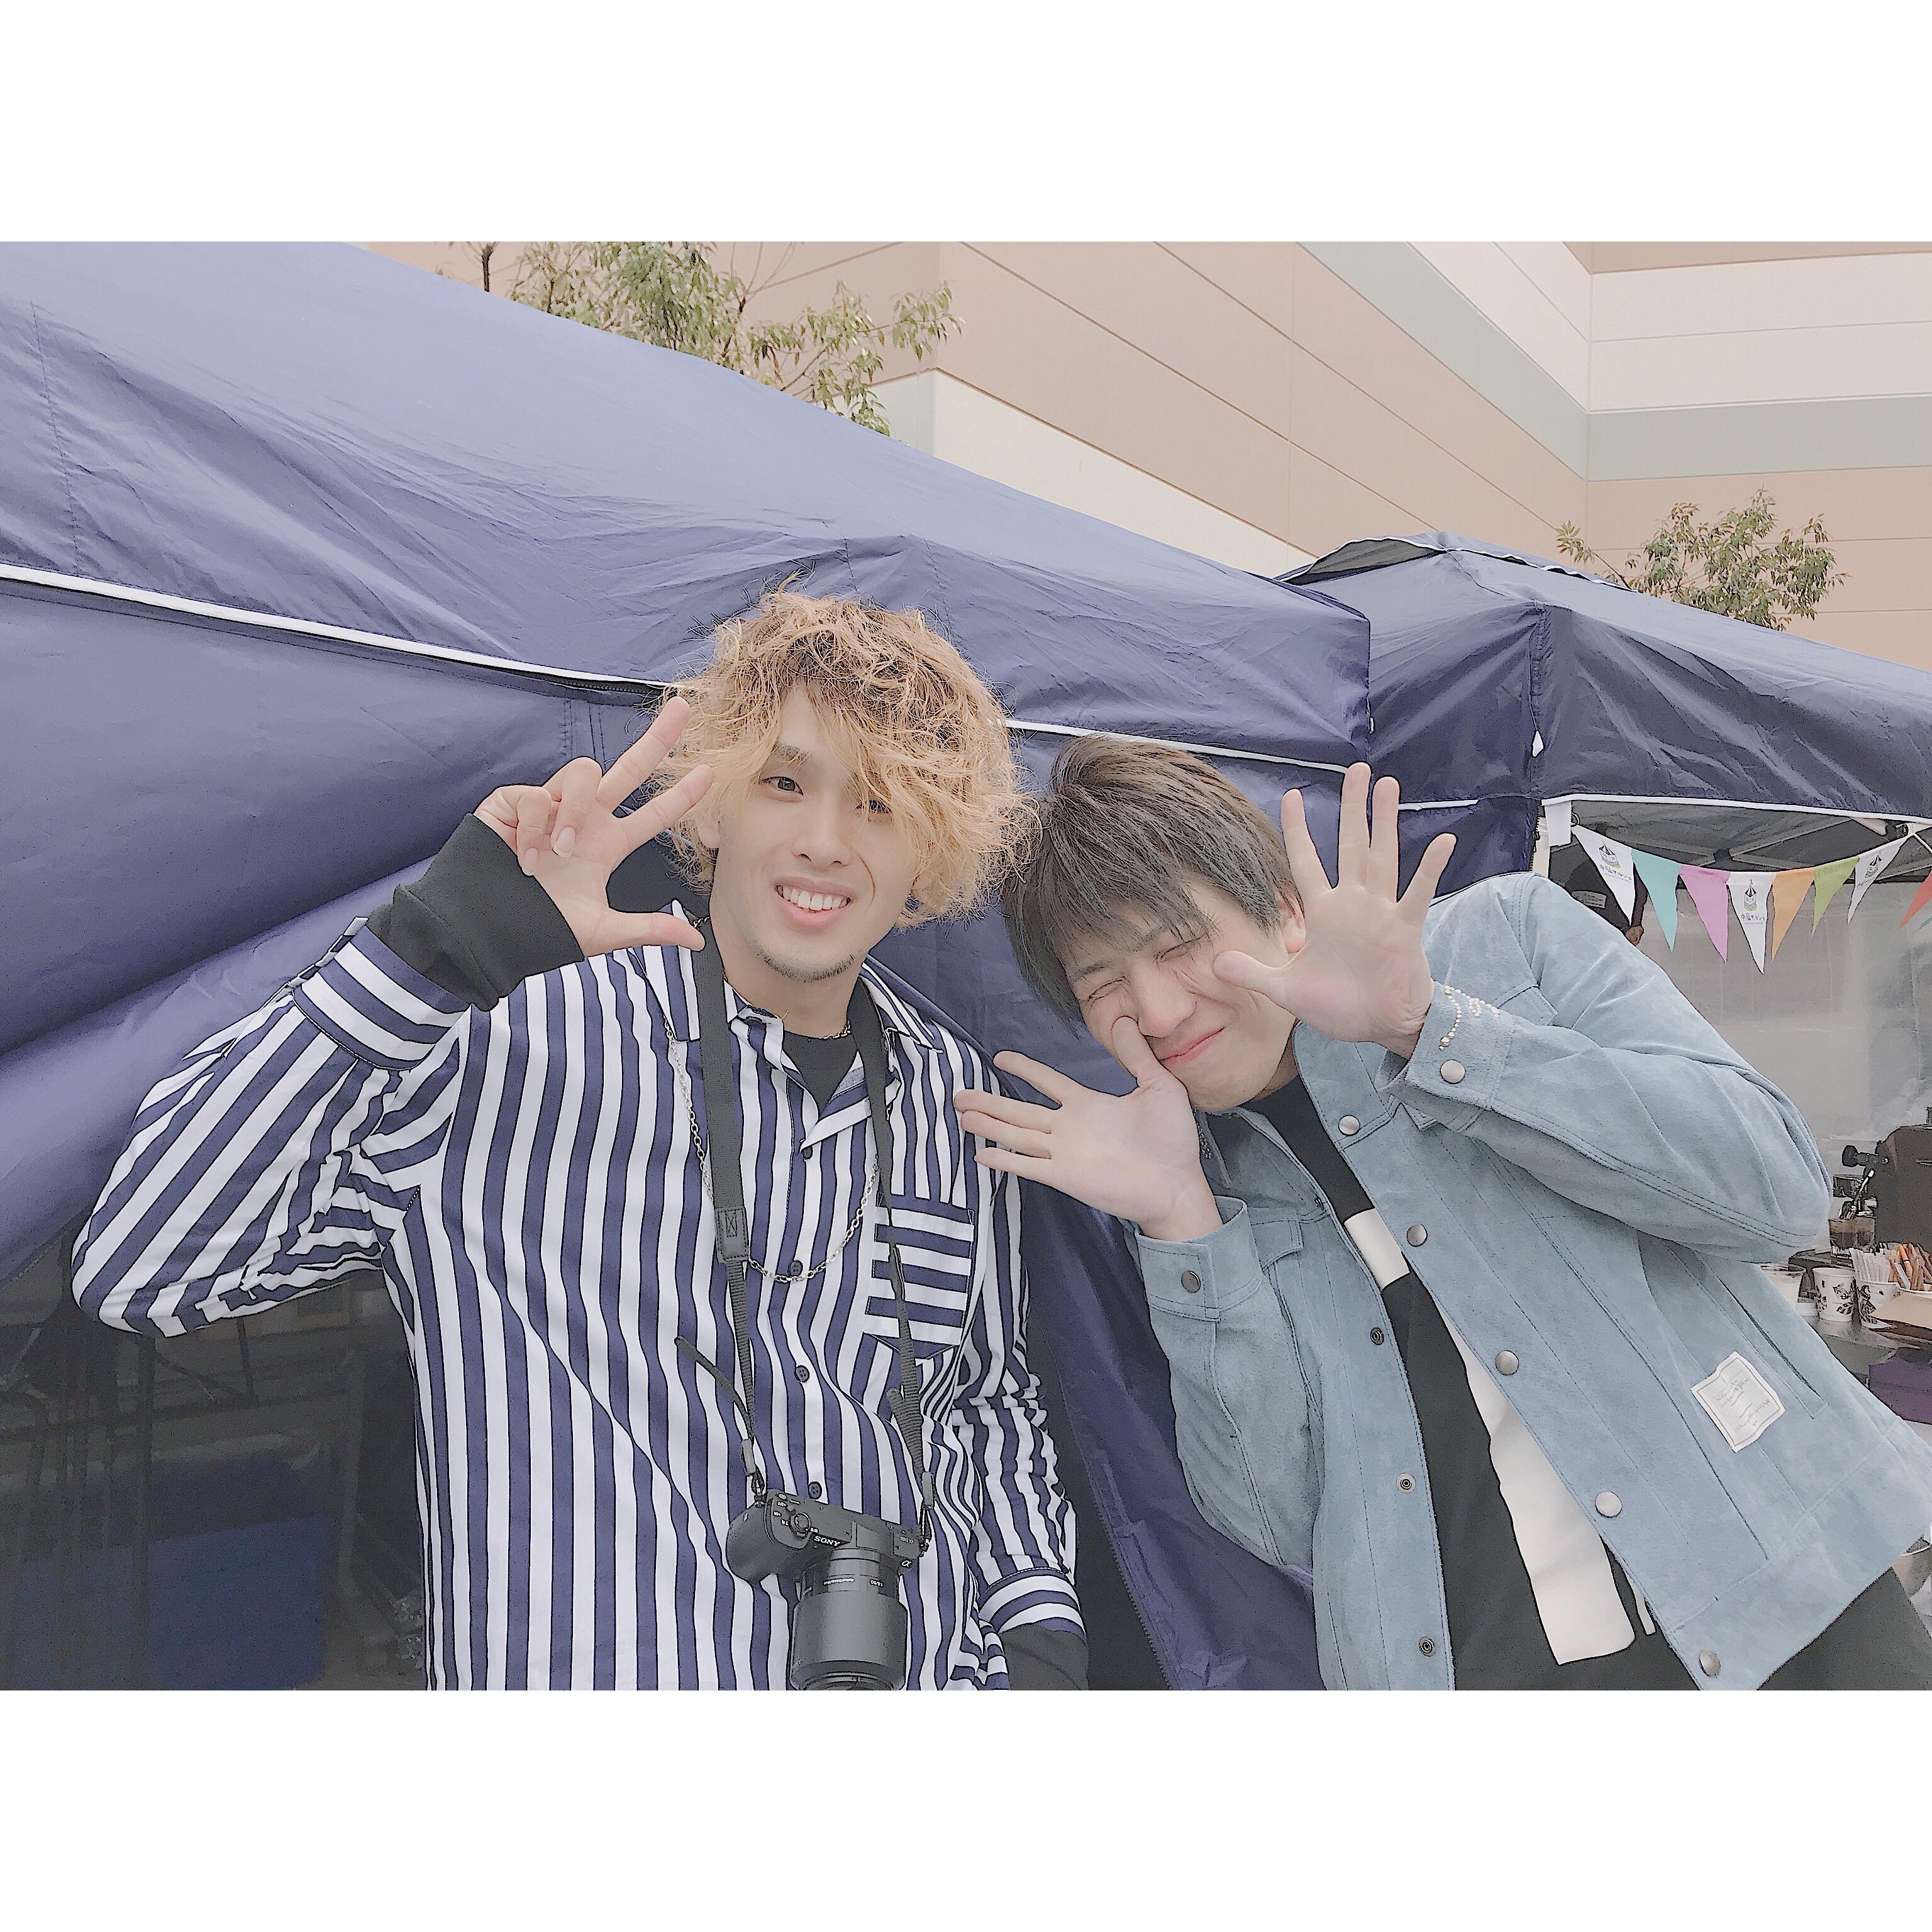 f:id:Yosuke0912:20180407165111j:image